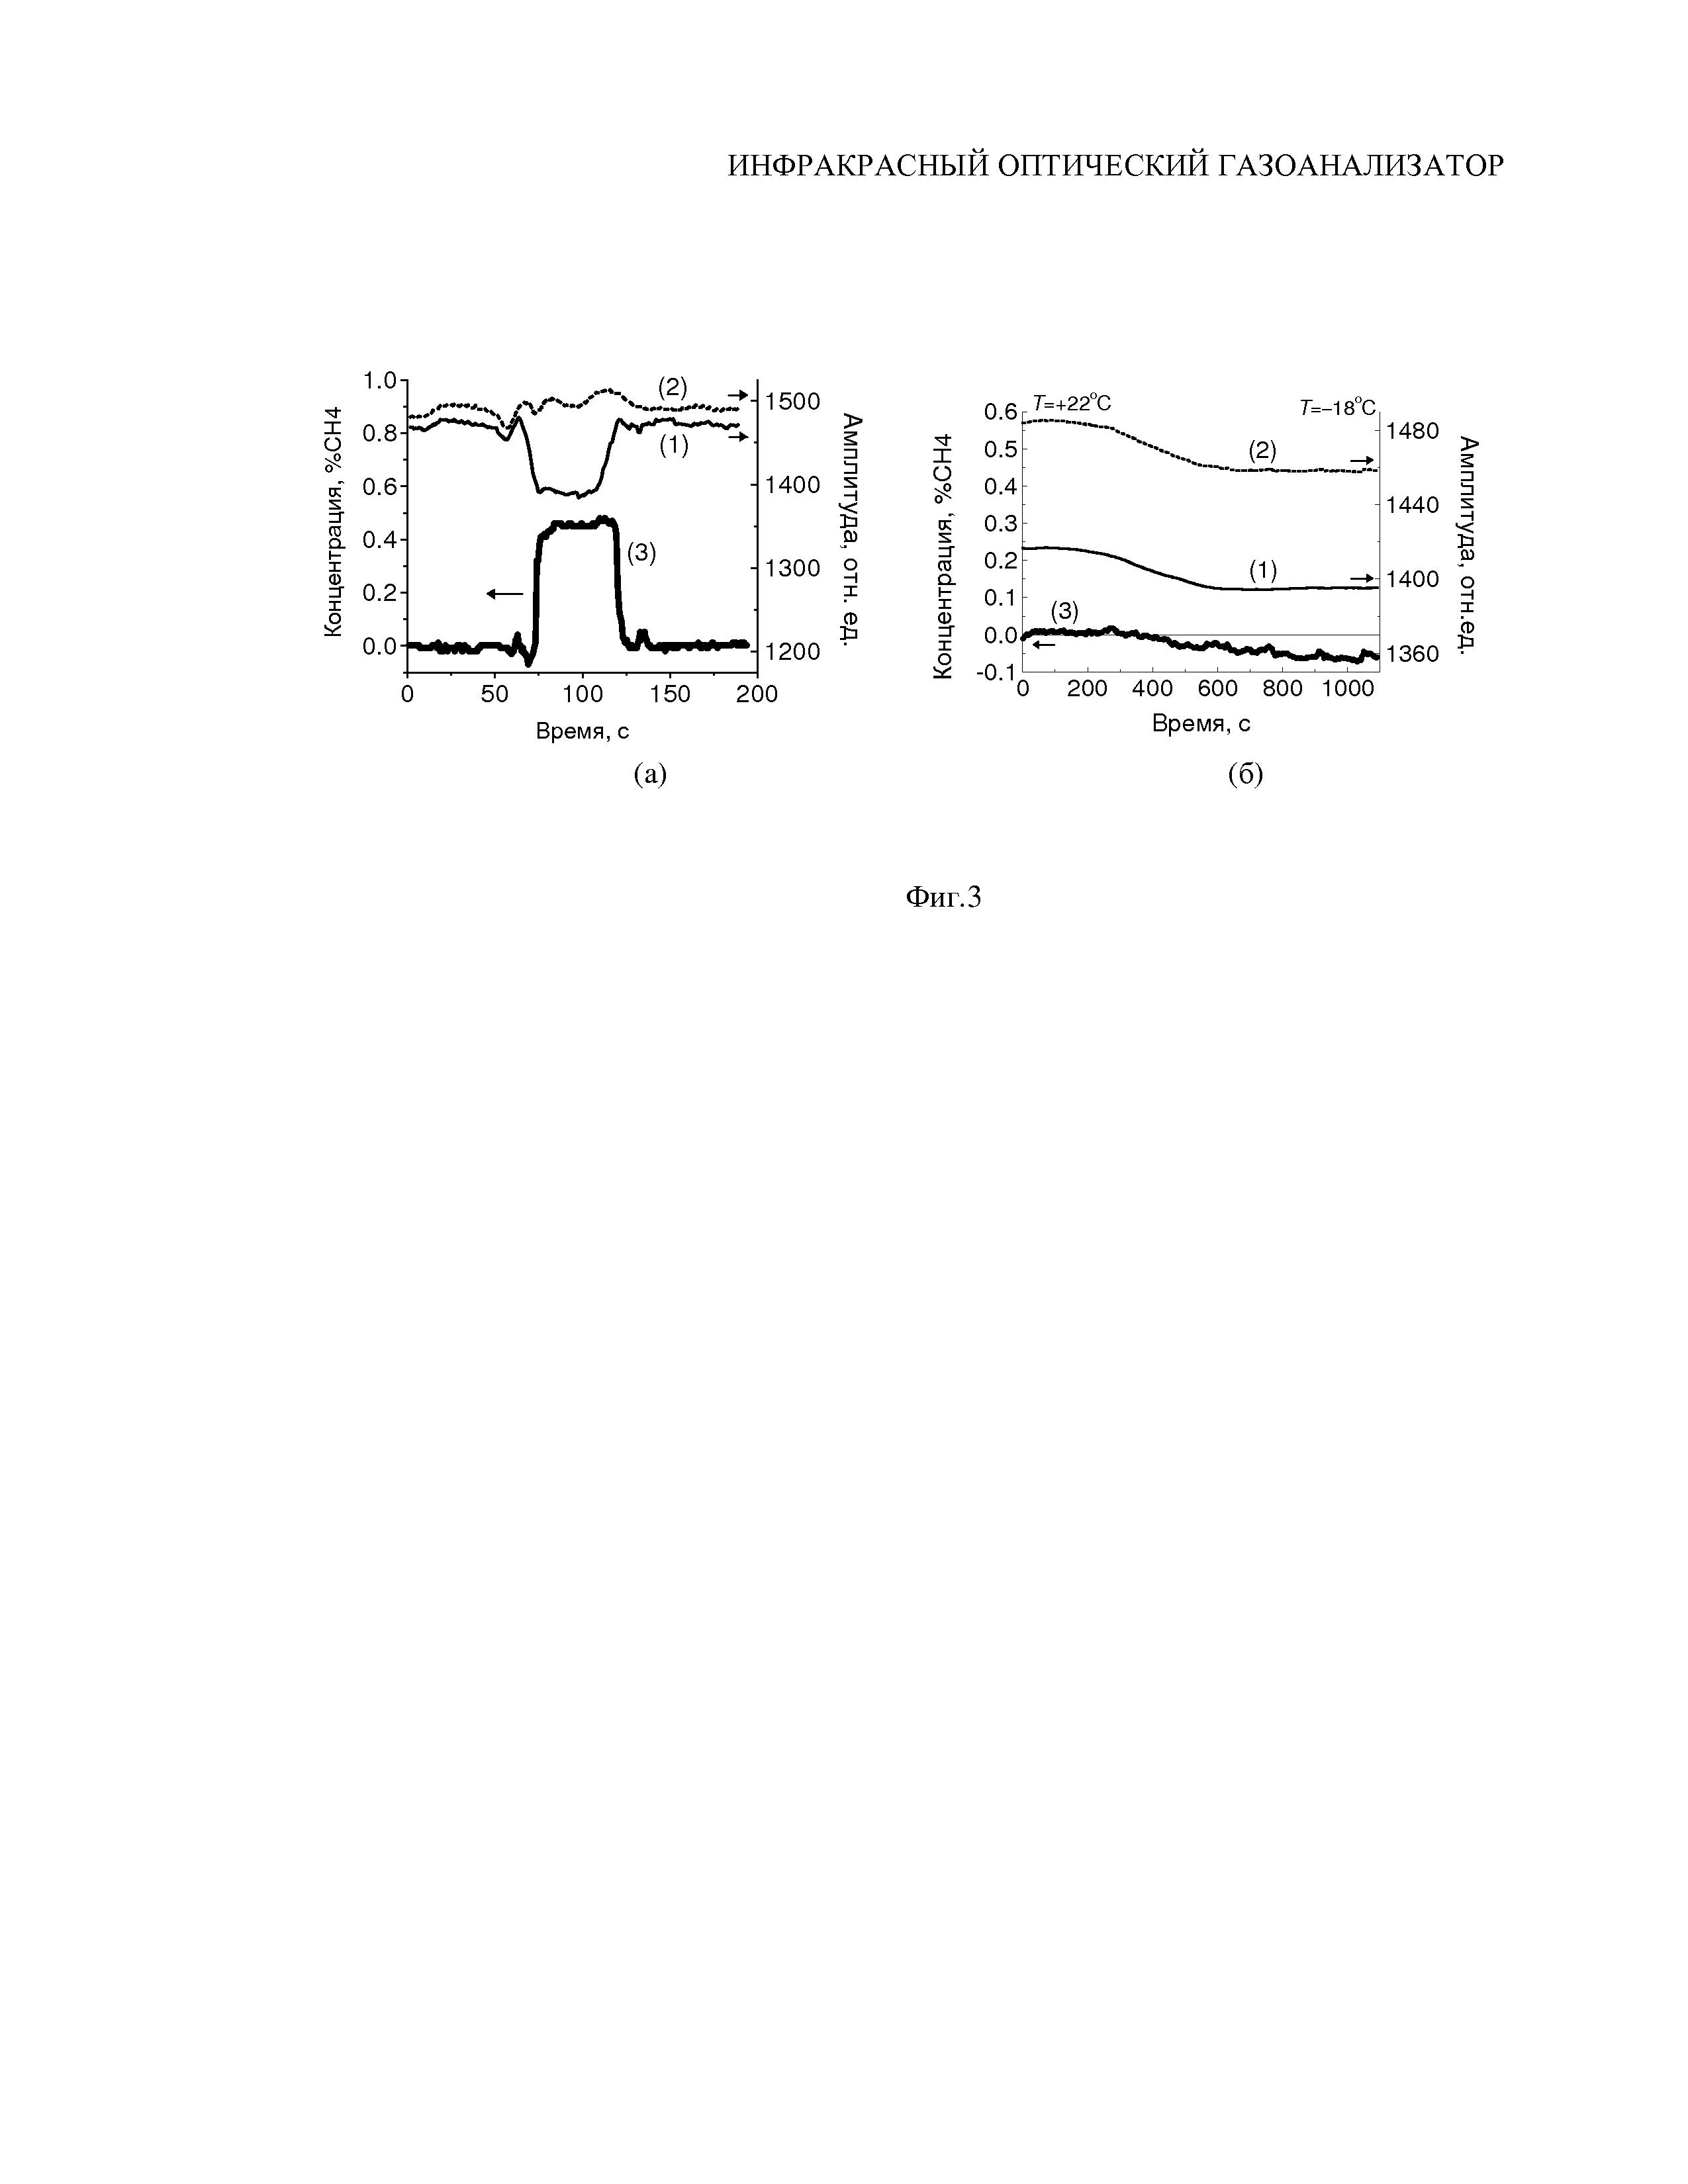 Инфракрасный оптический газоанализатор